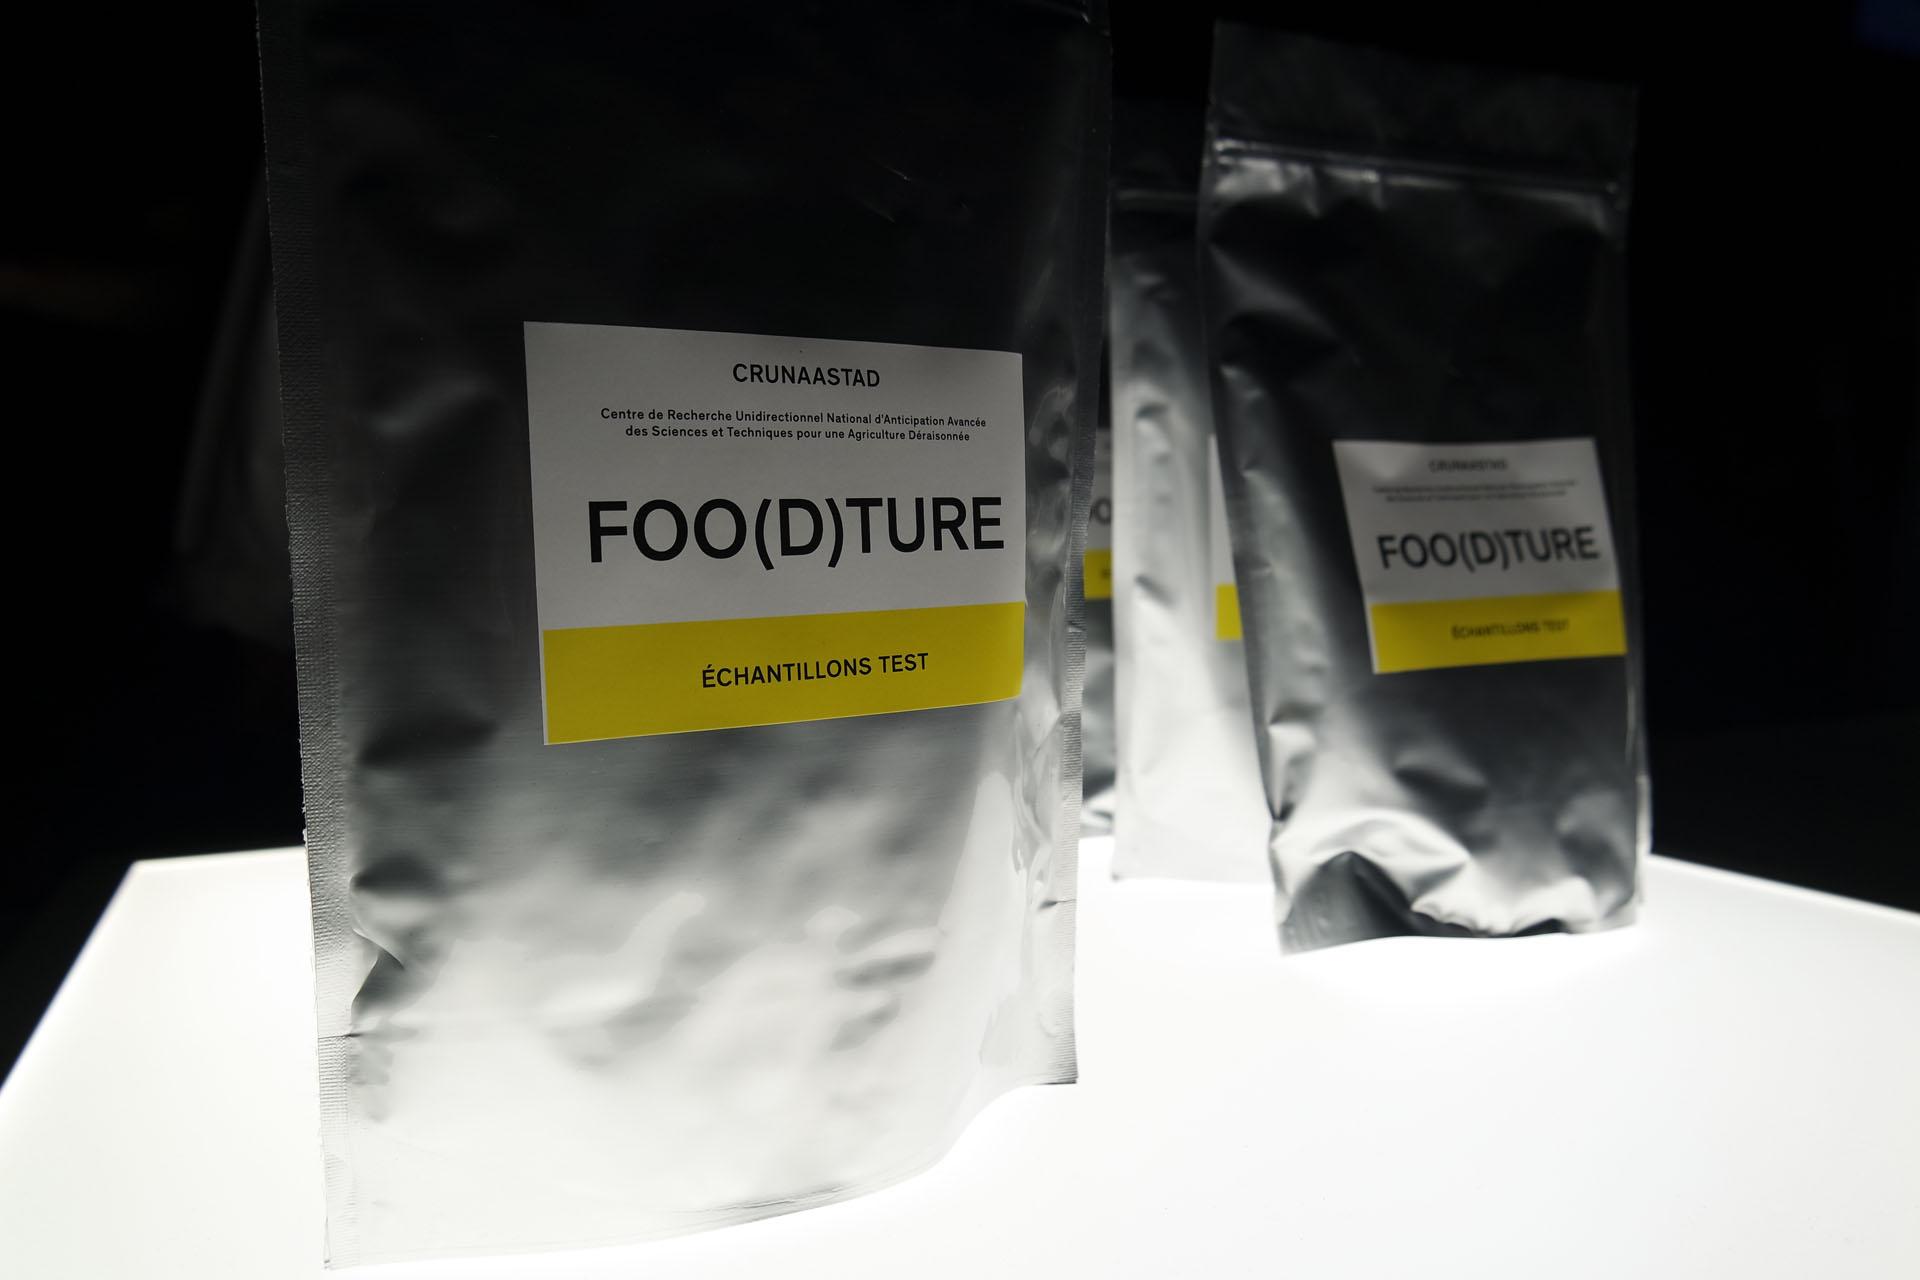 http://studioplastac.fr/v3/wp-content/uploads/2018/10/foodture-conference-blida-graphisme-plastac